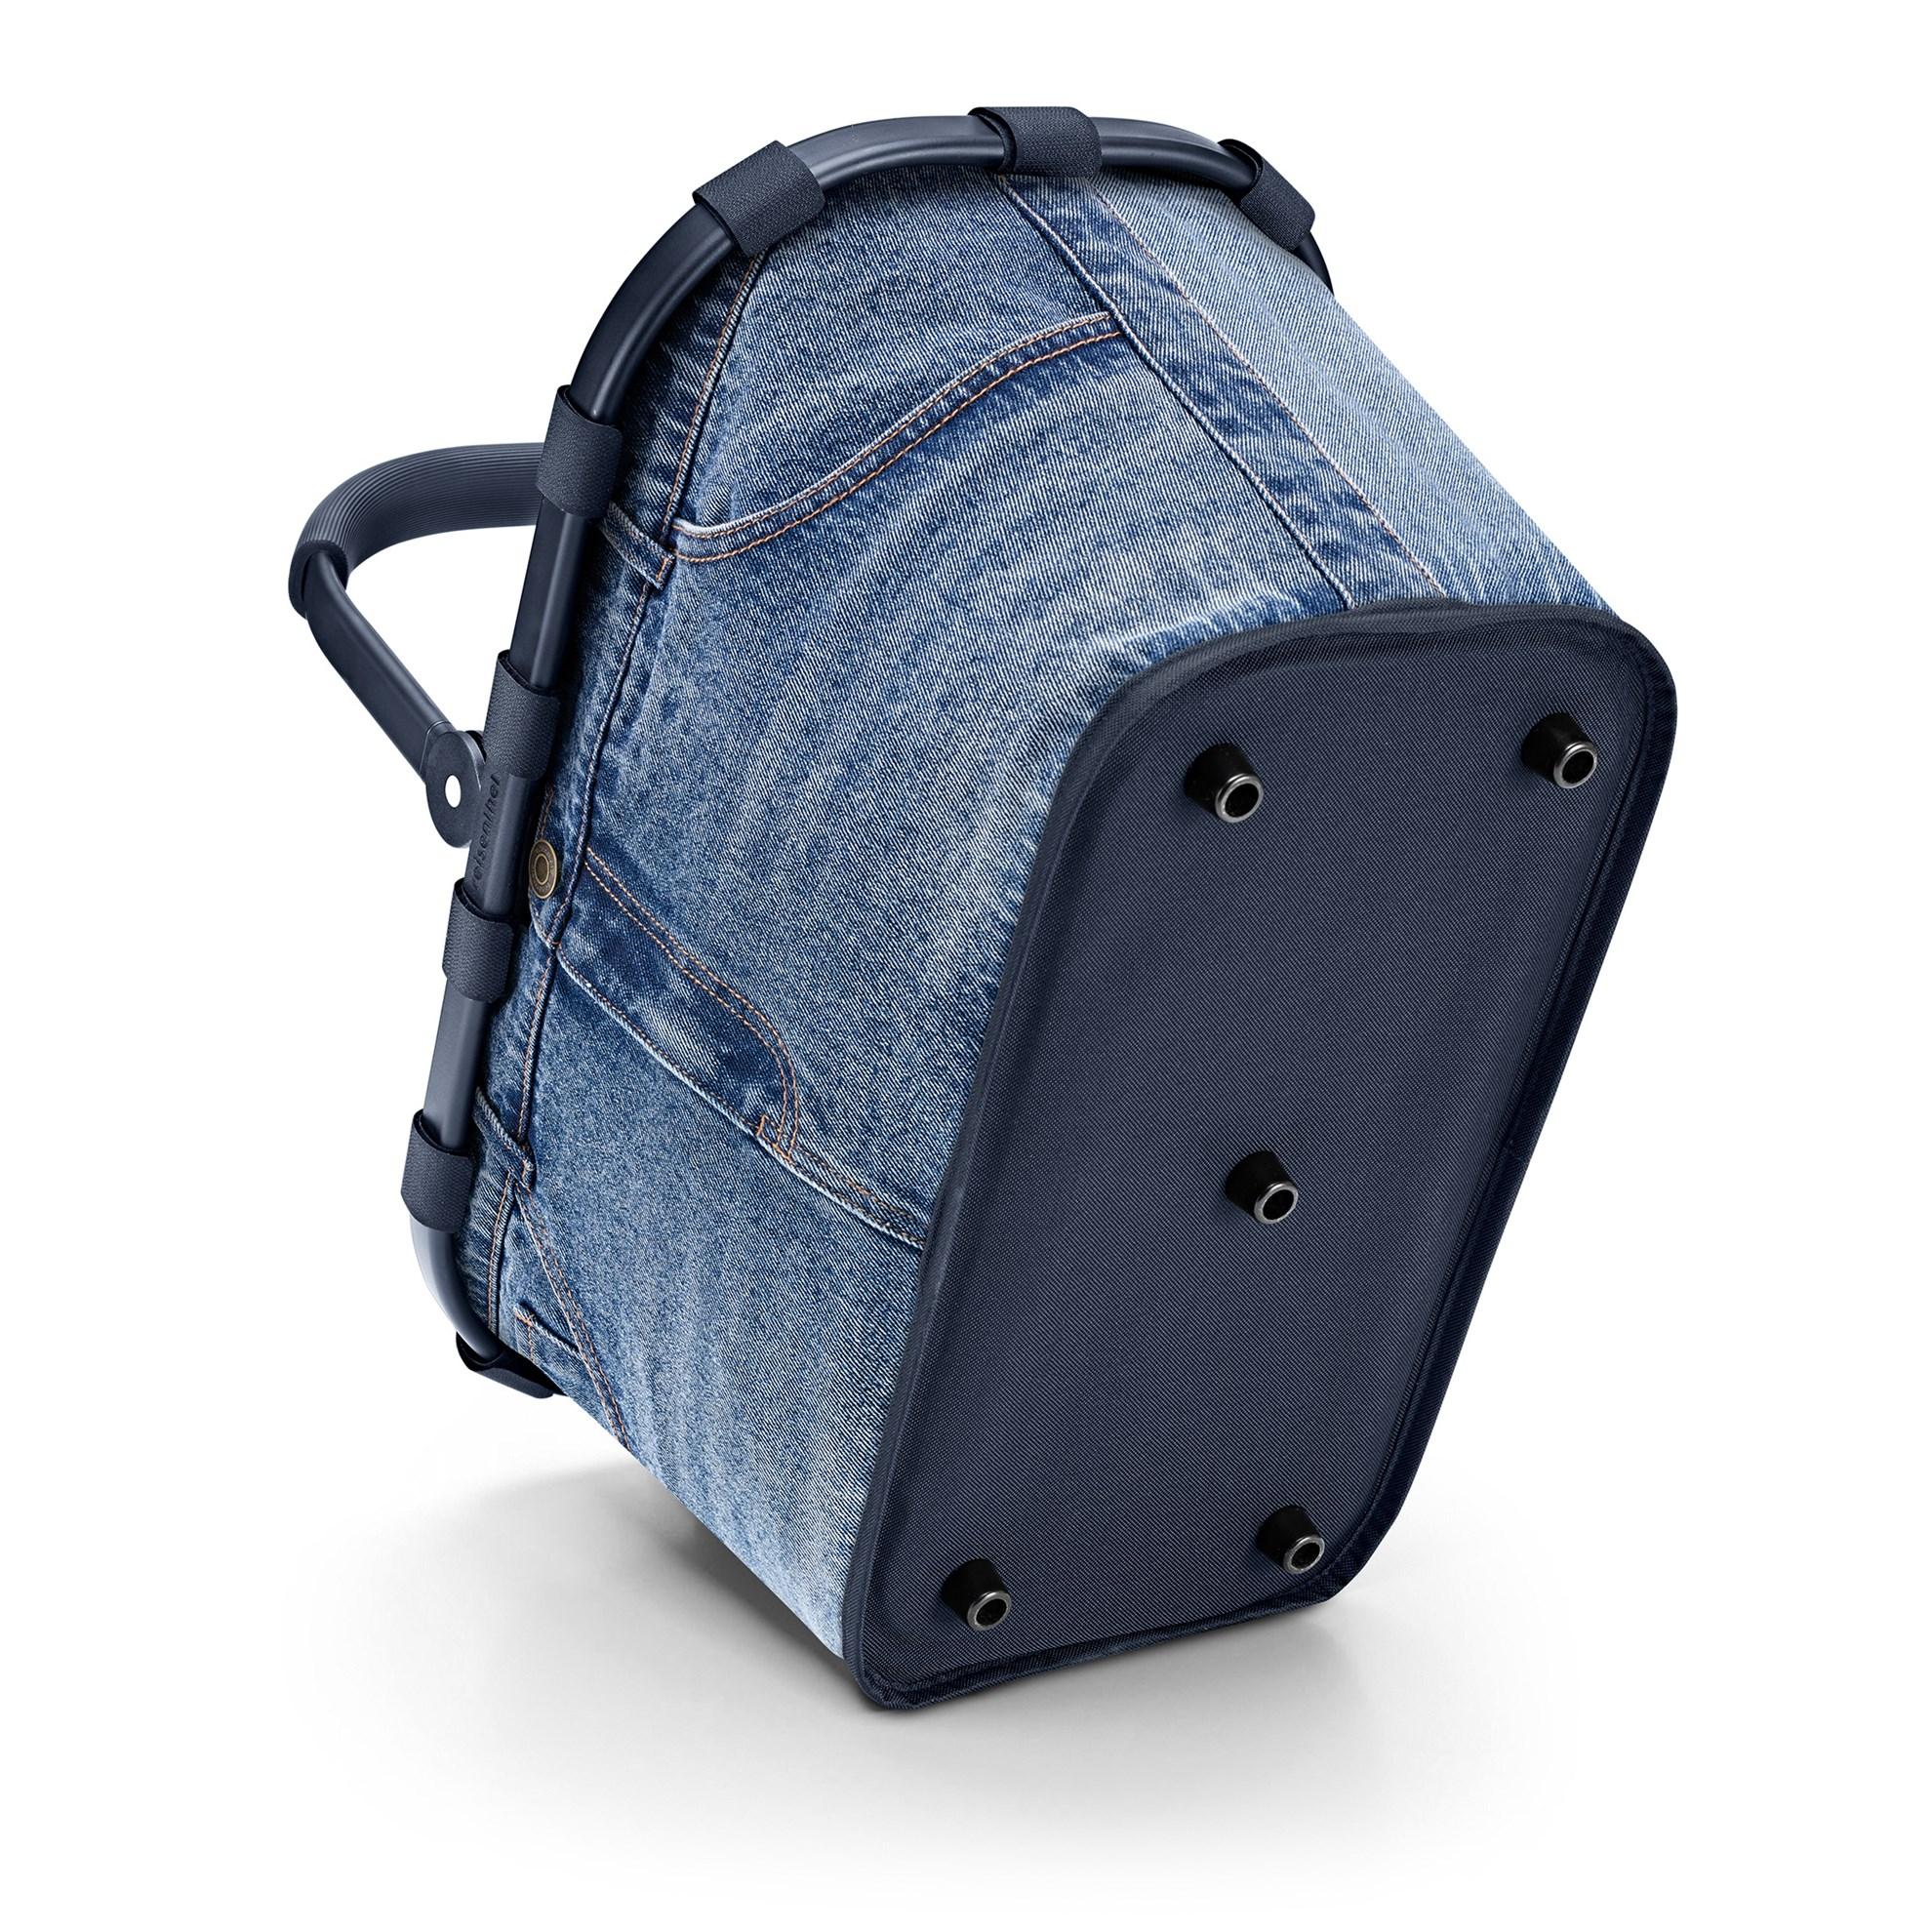 Nákupní košík Carrybag frame jeans classic blue_2